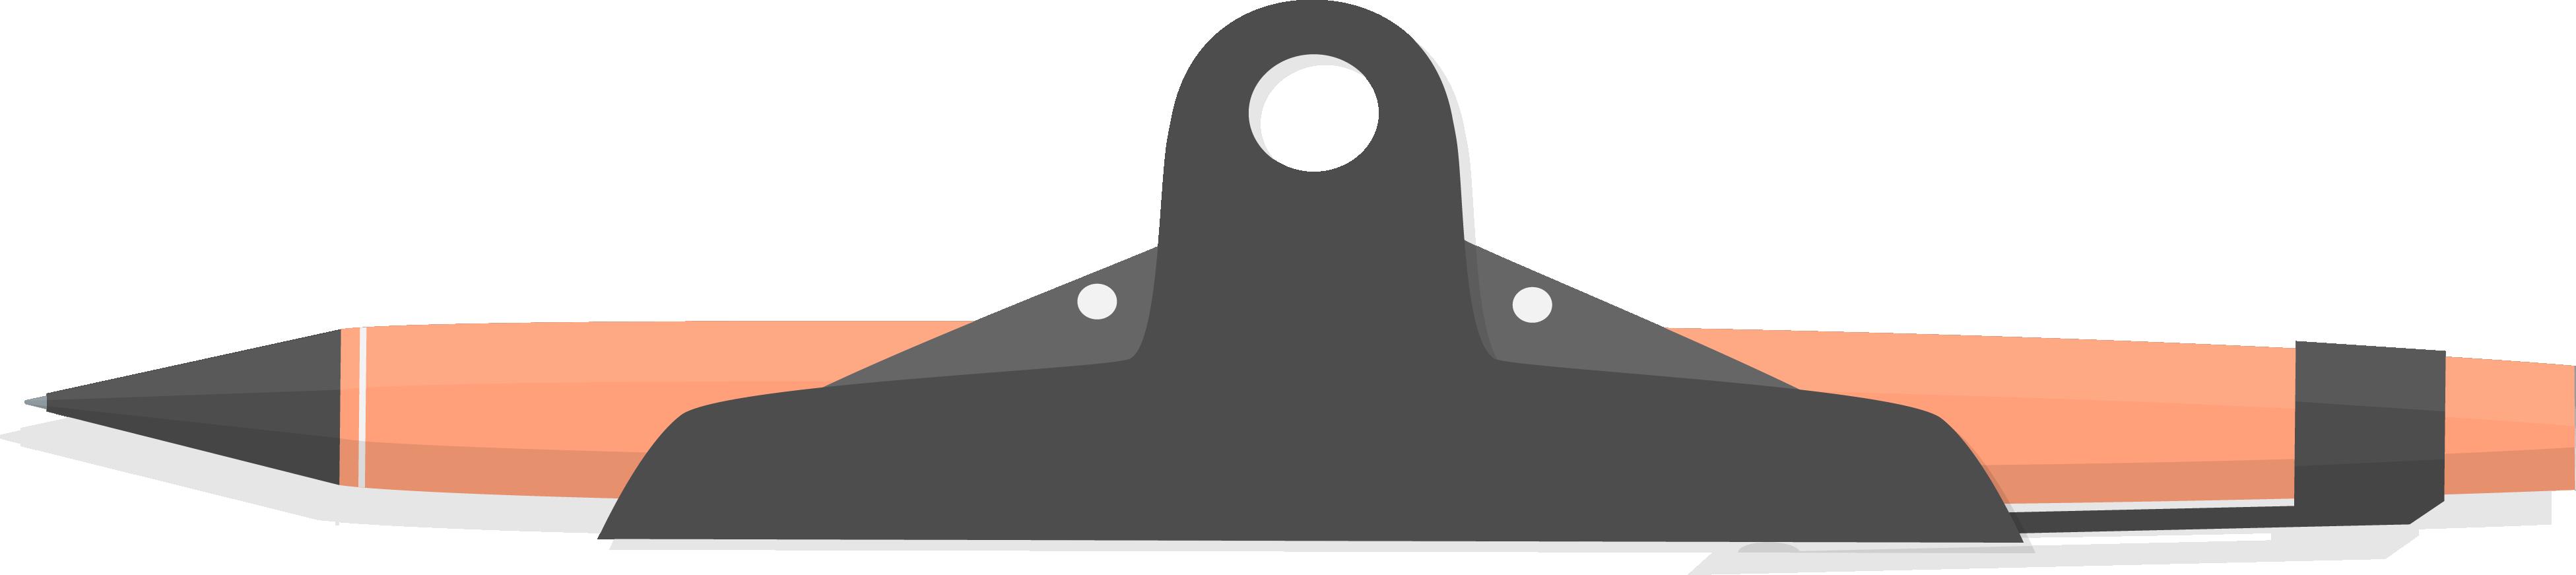 clipboard-top